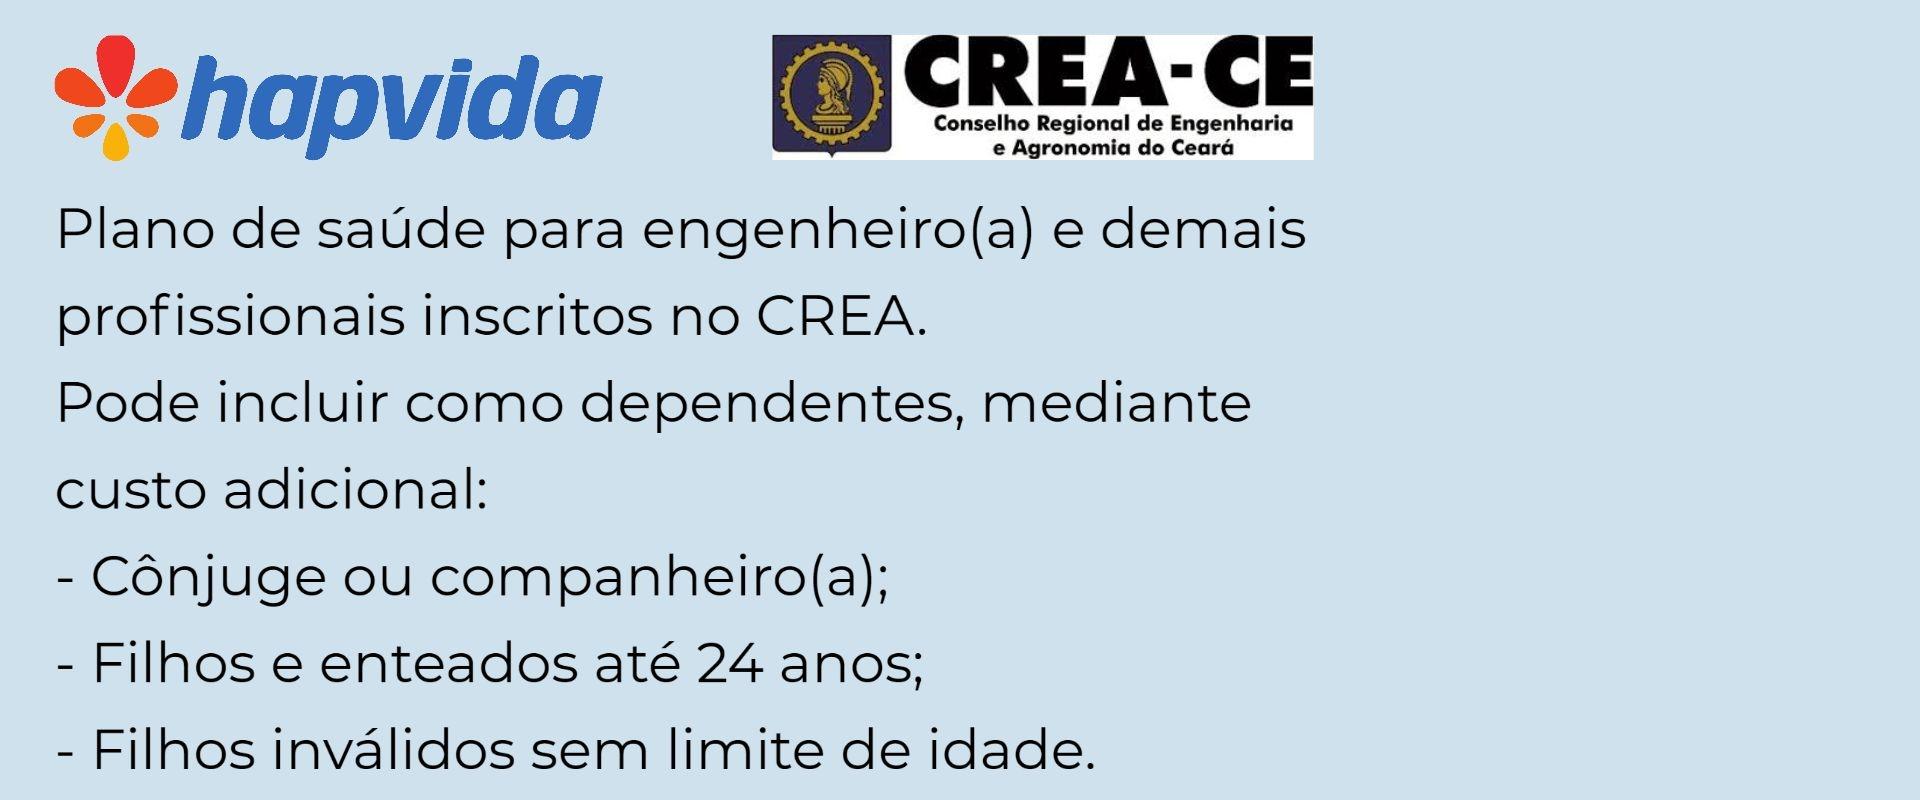 Hapvida CREA-CE